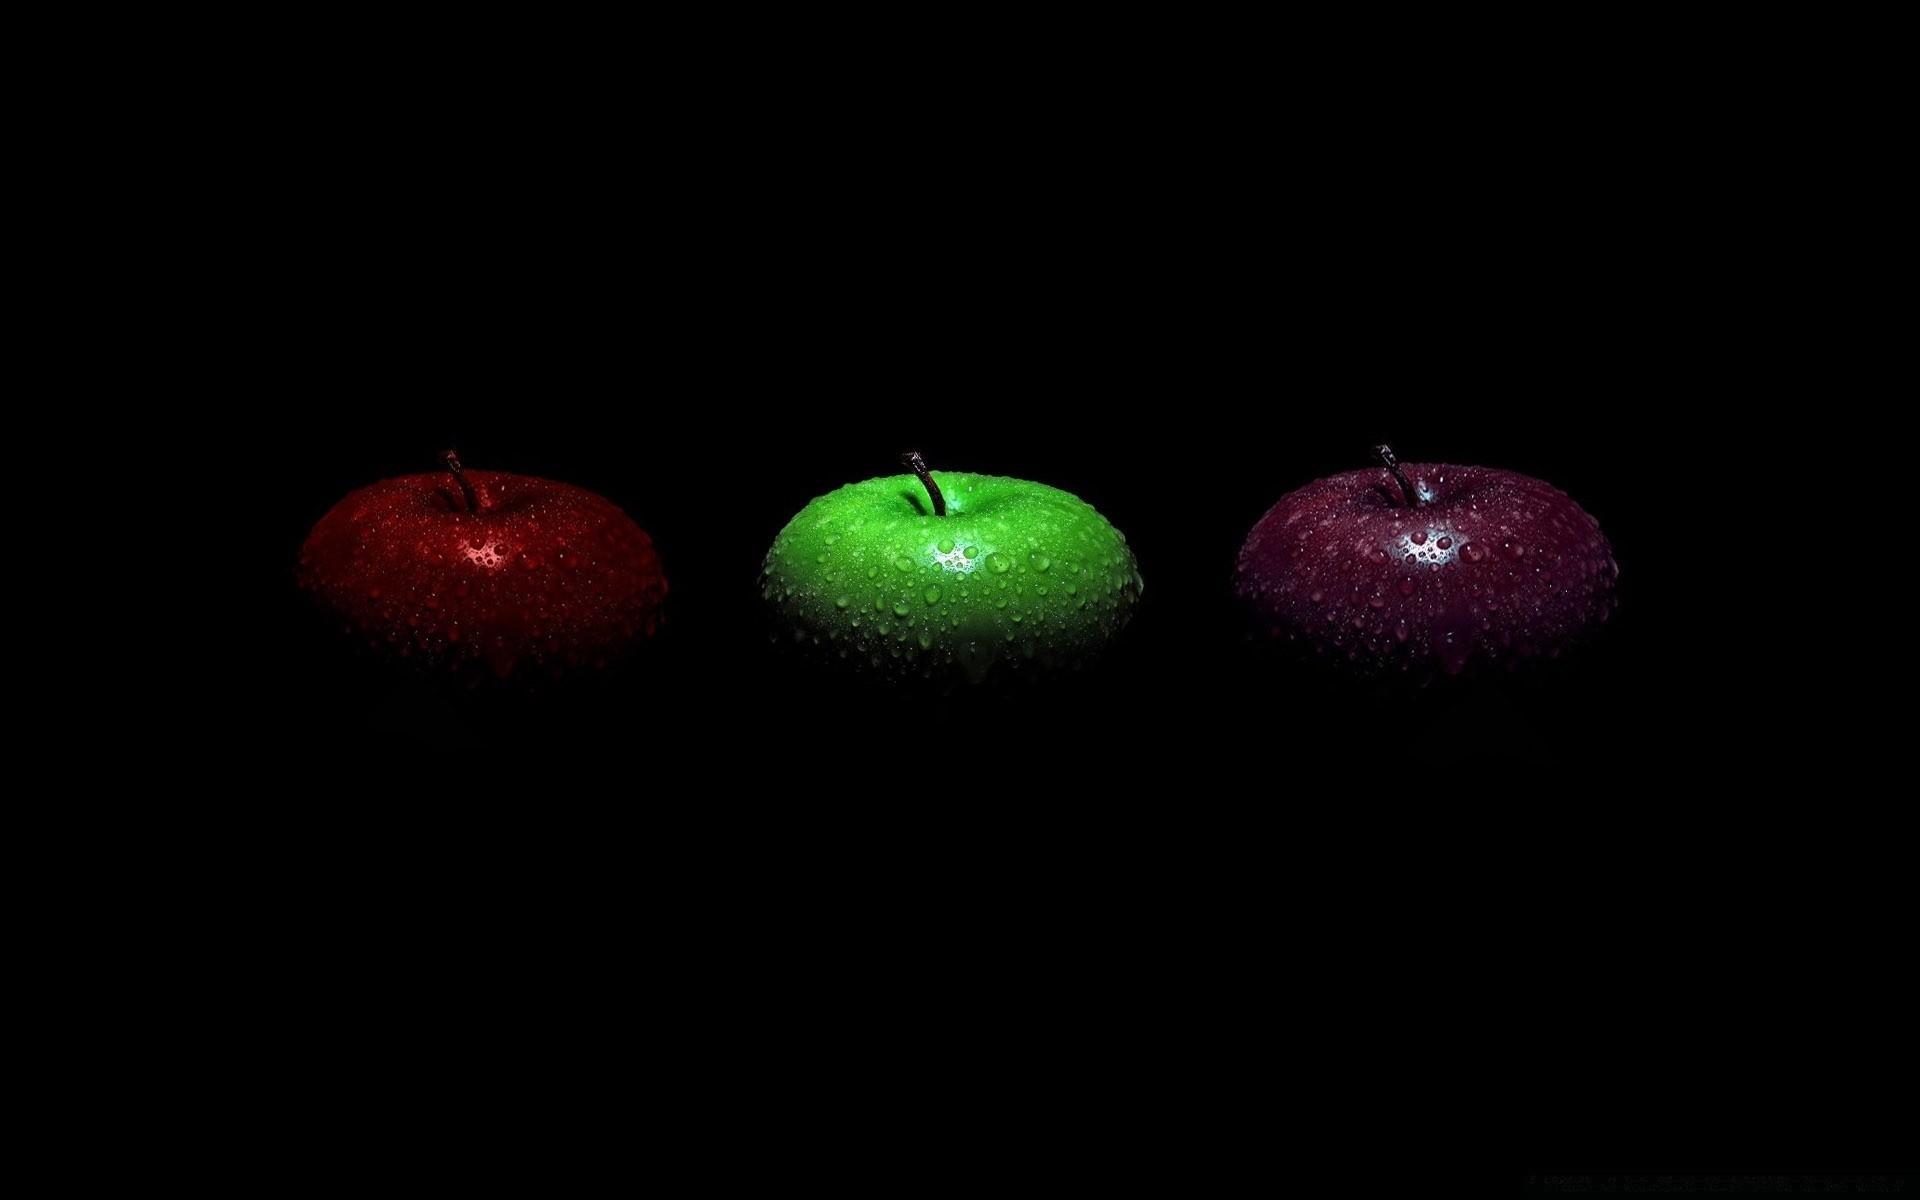 Обои на рабочий стол хрустальные яблоки